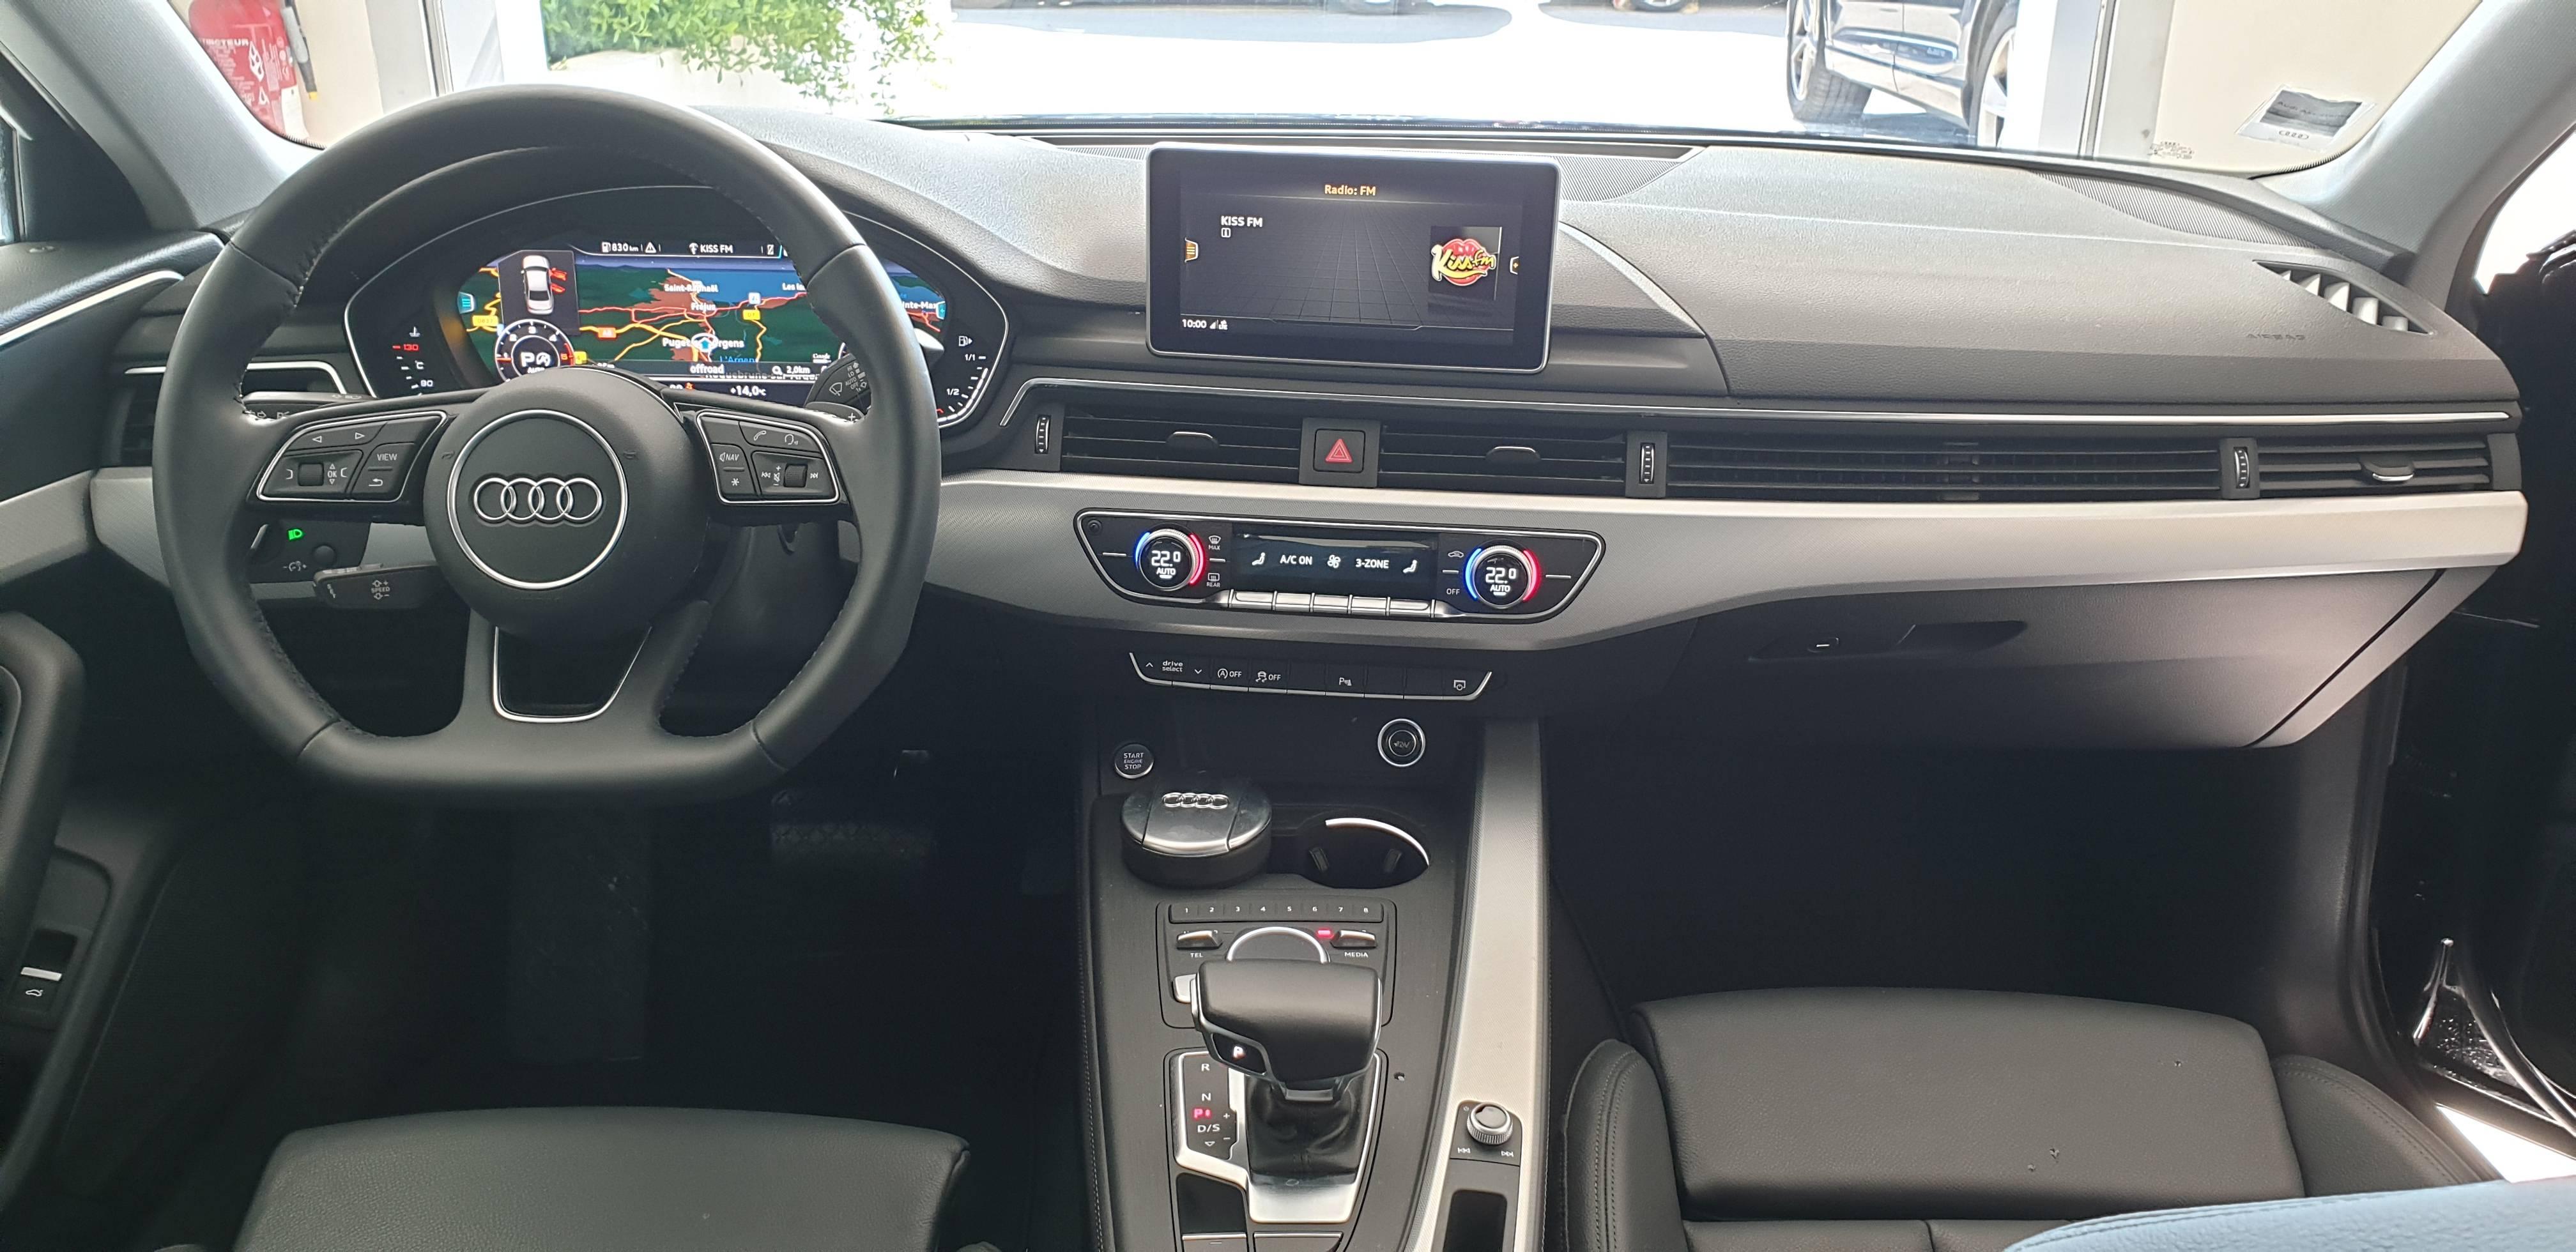 AUDI A4 2.0 TDI 190  S tronic 7